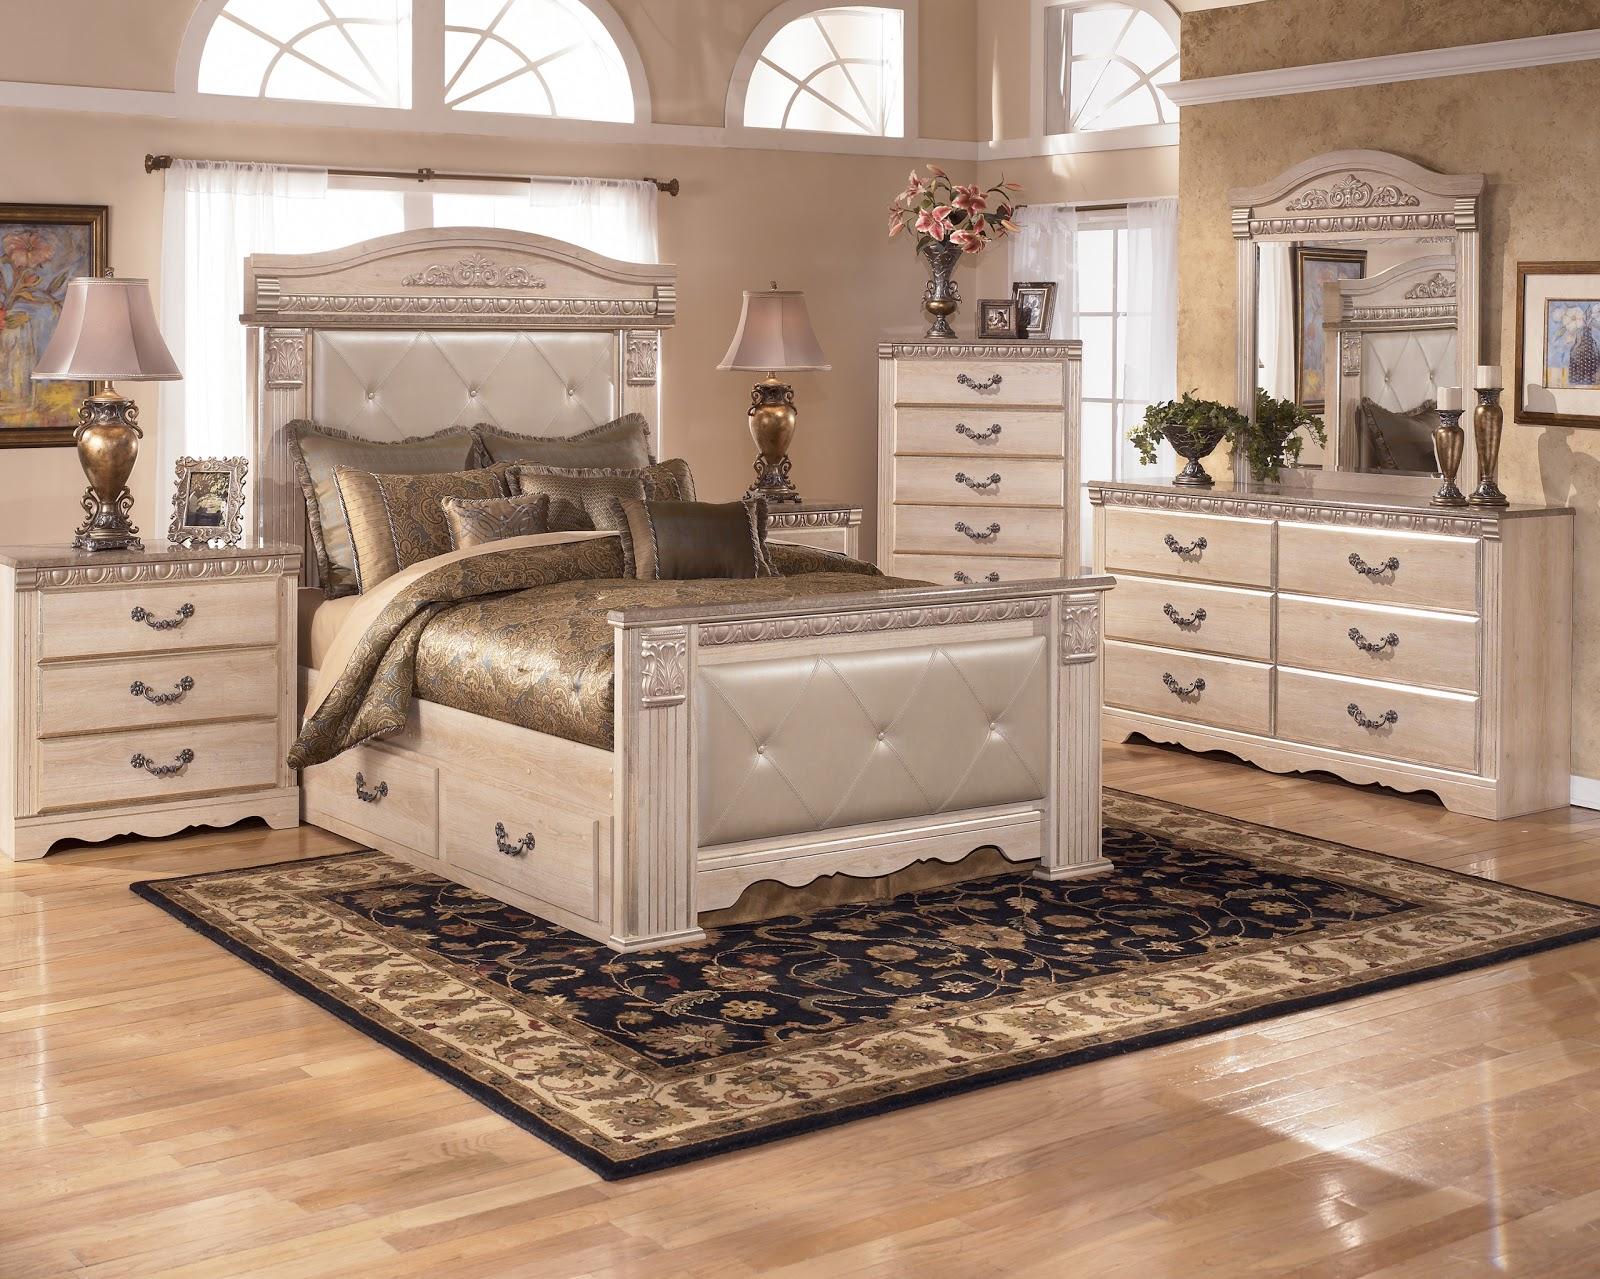 Furniture mart bedroom sets